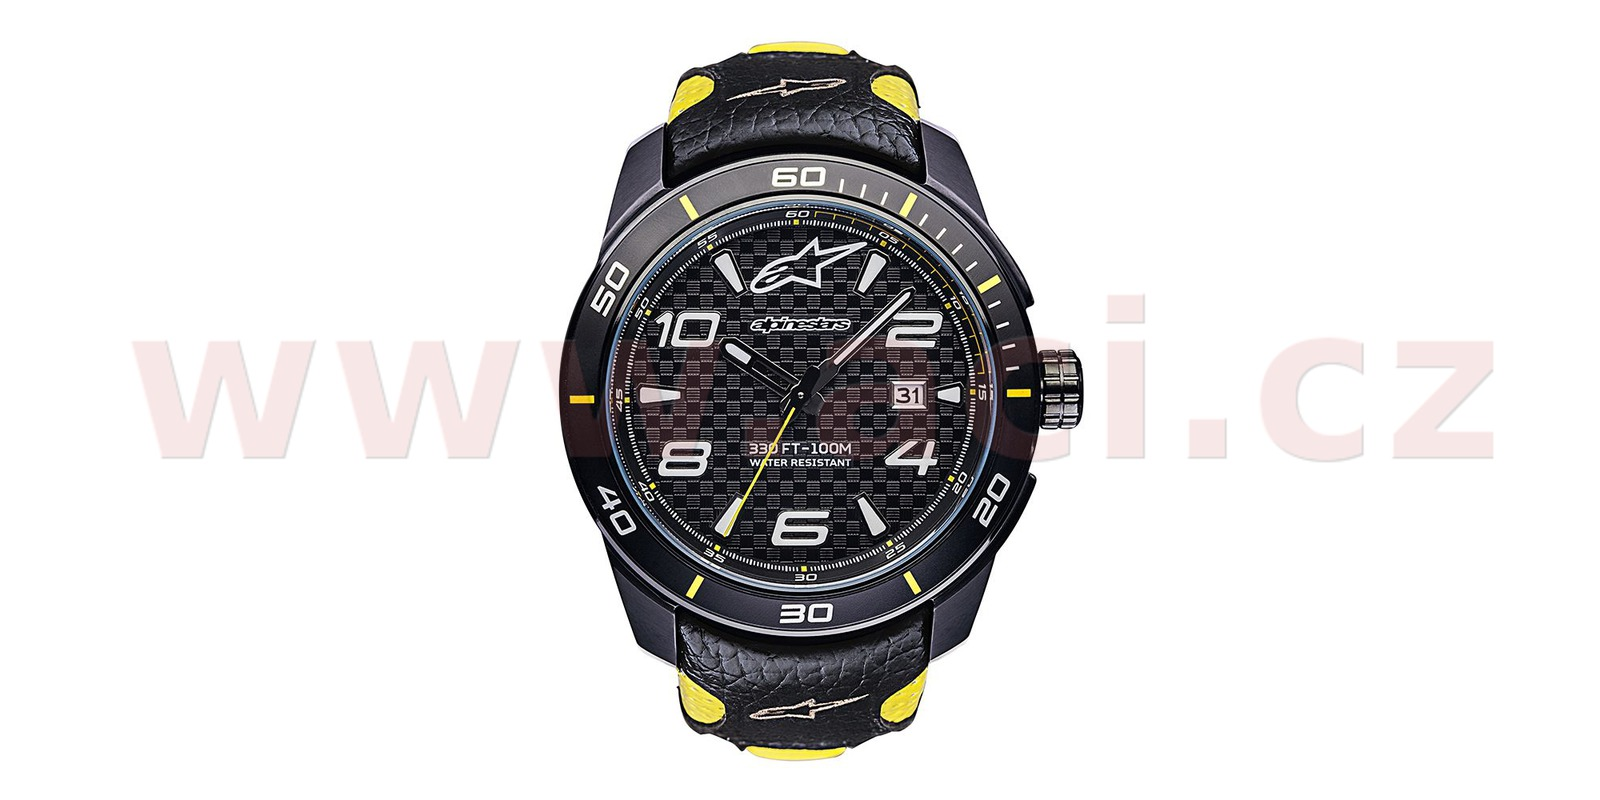 hodinky TECH RACE, ALPINESTARS (černá/žlutá, kožený pásek) ACI